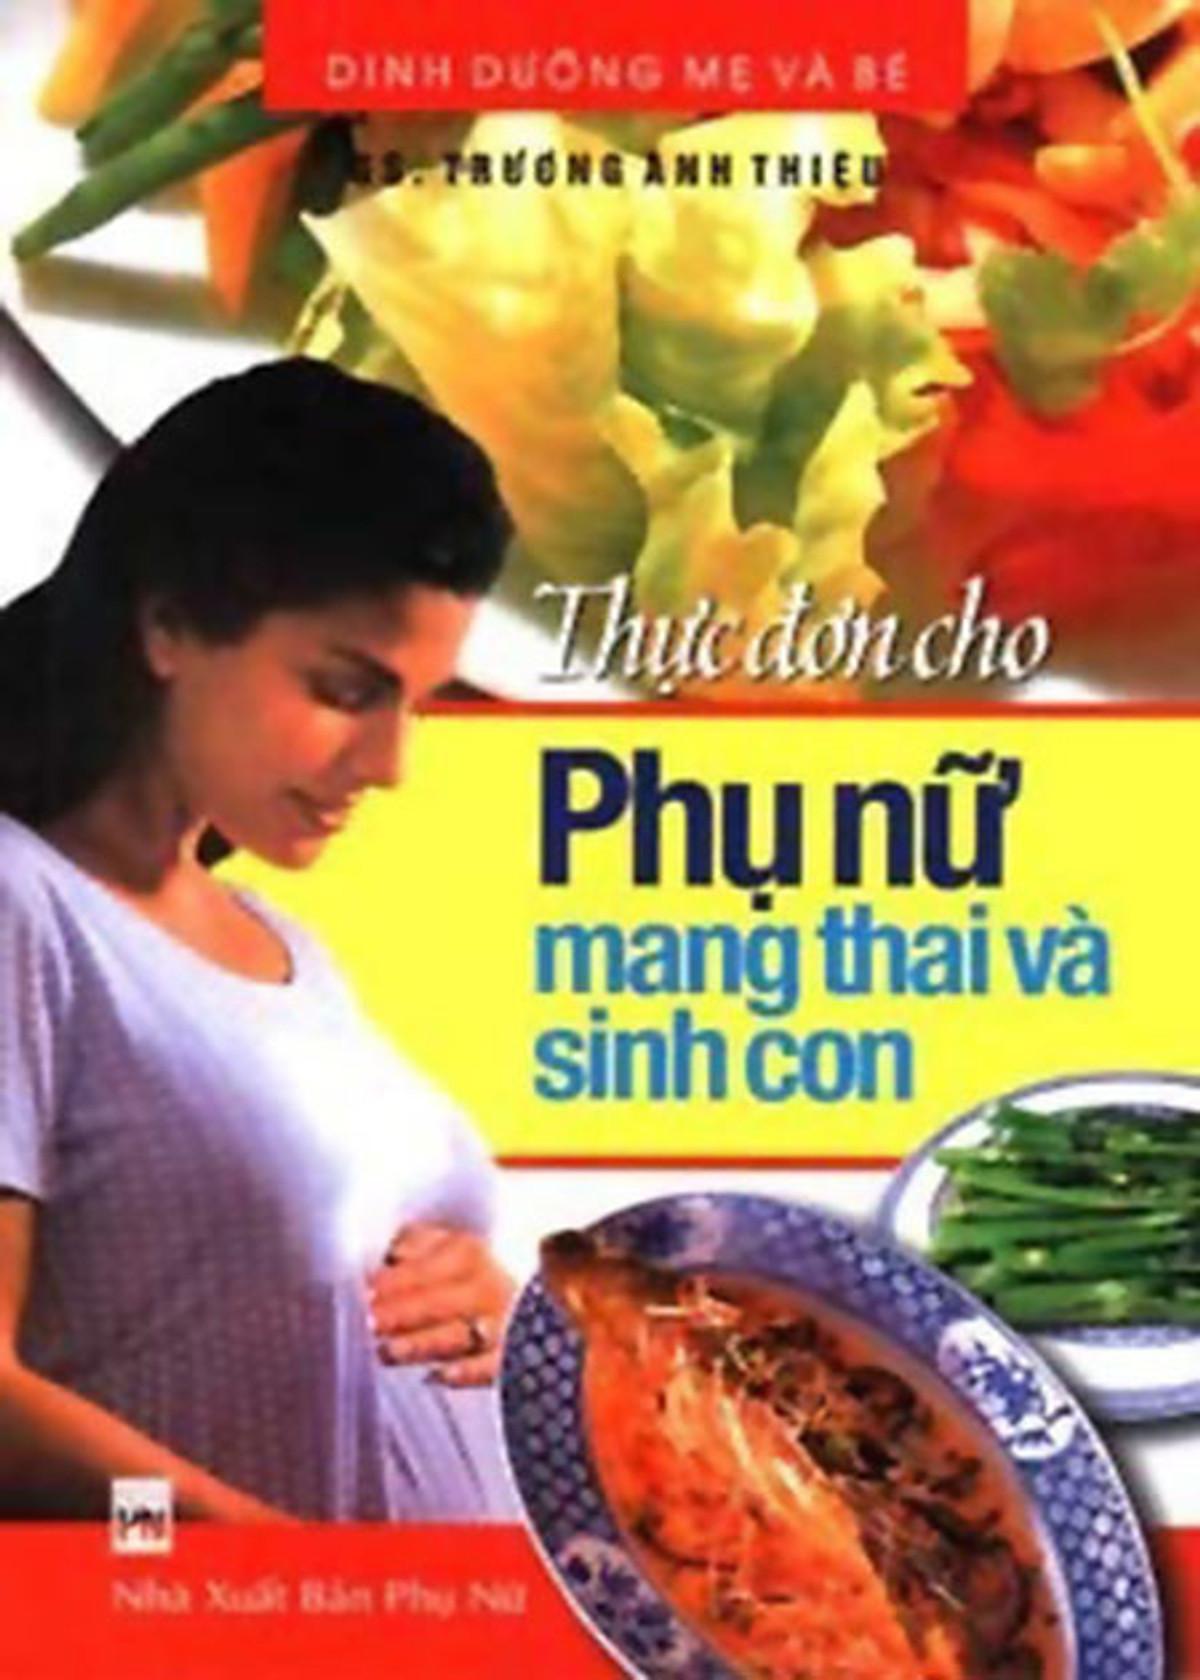 Tổng hợp thực đơn dinh dưỡng cho phụ nữ mang thai và sinh con